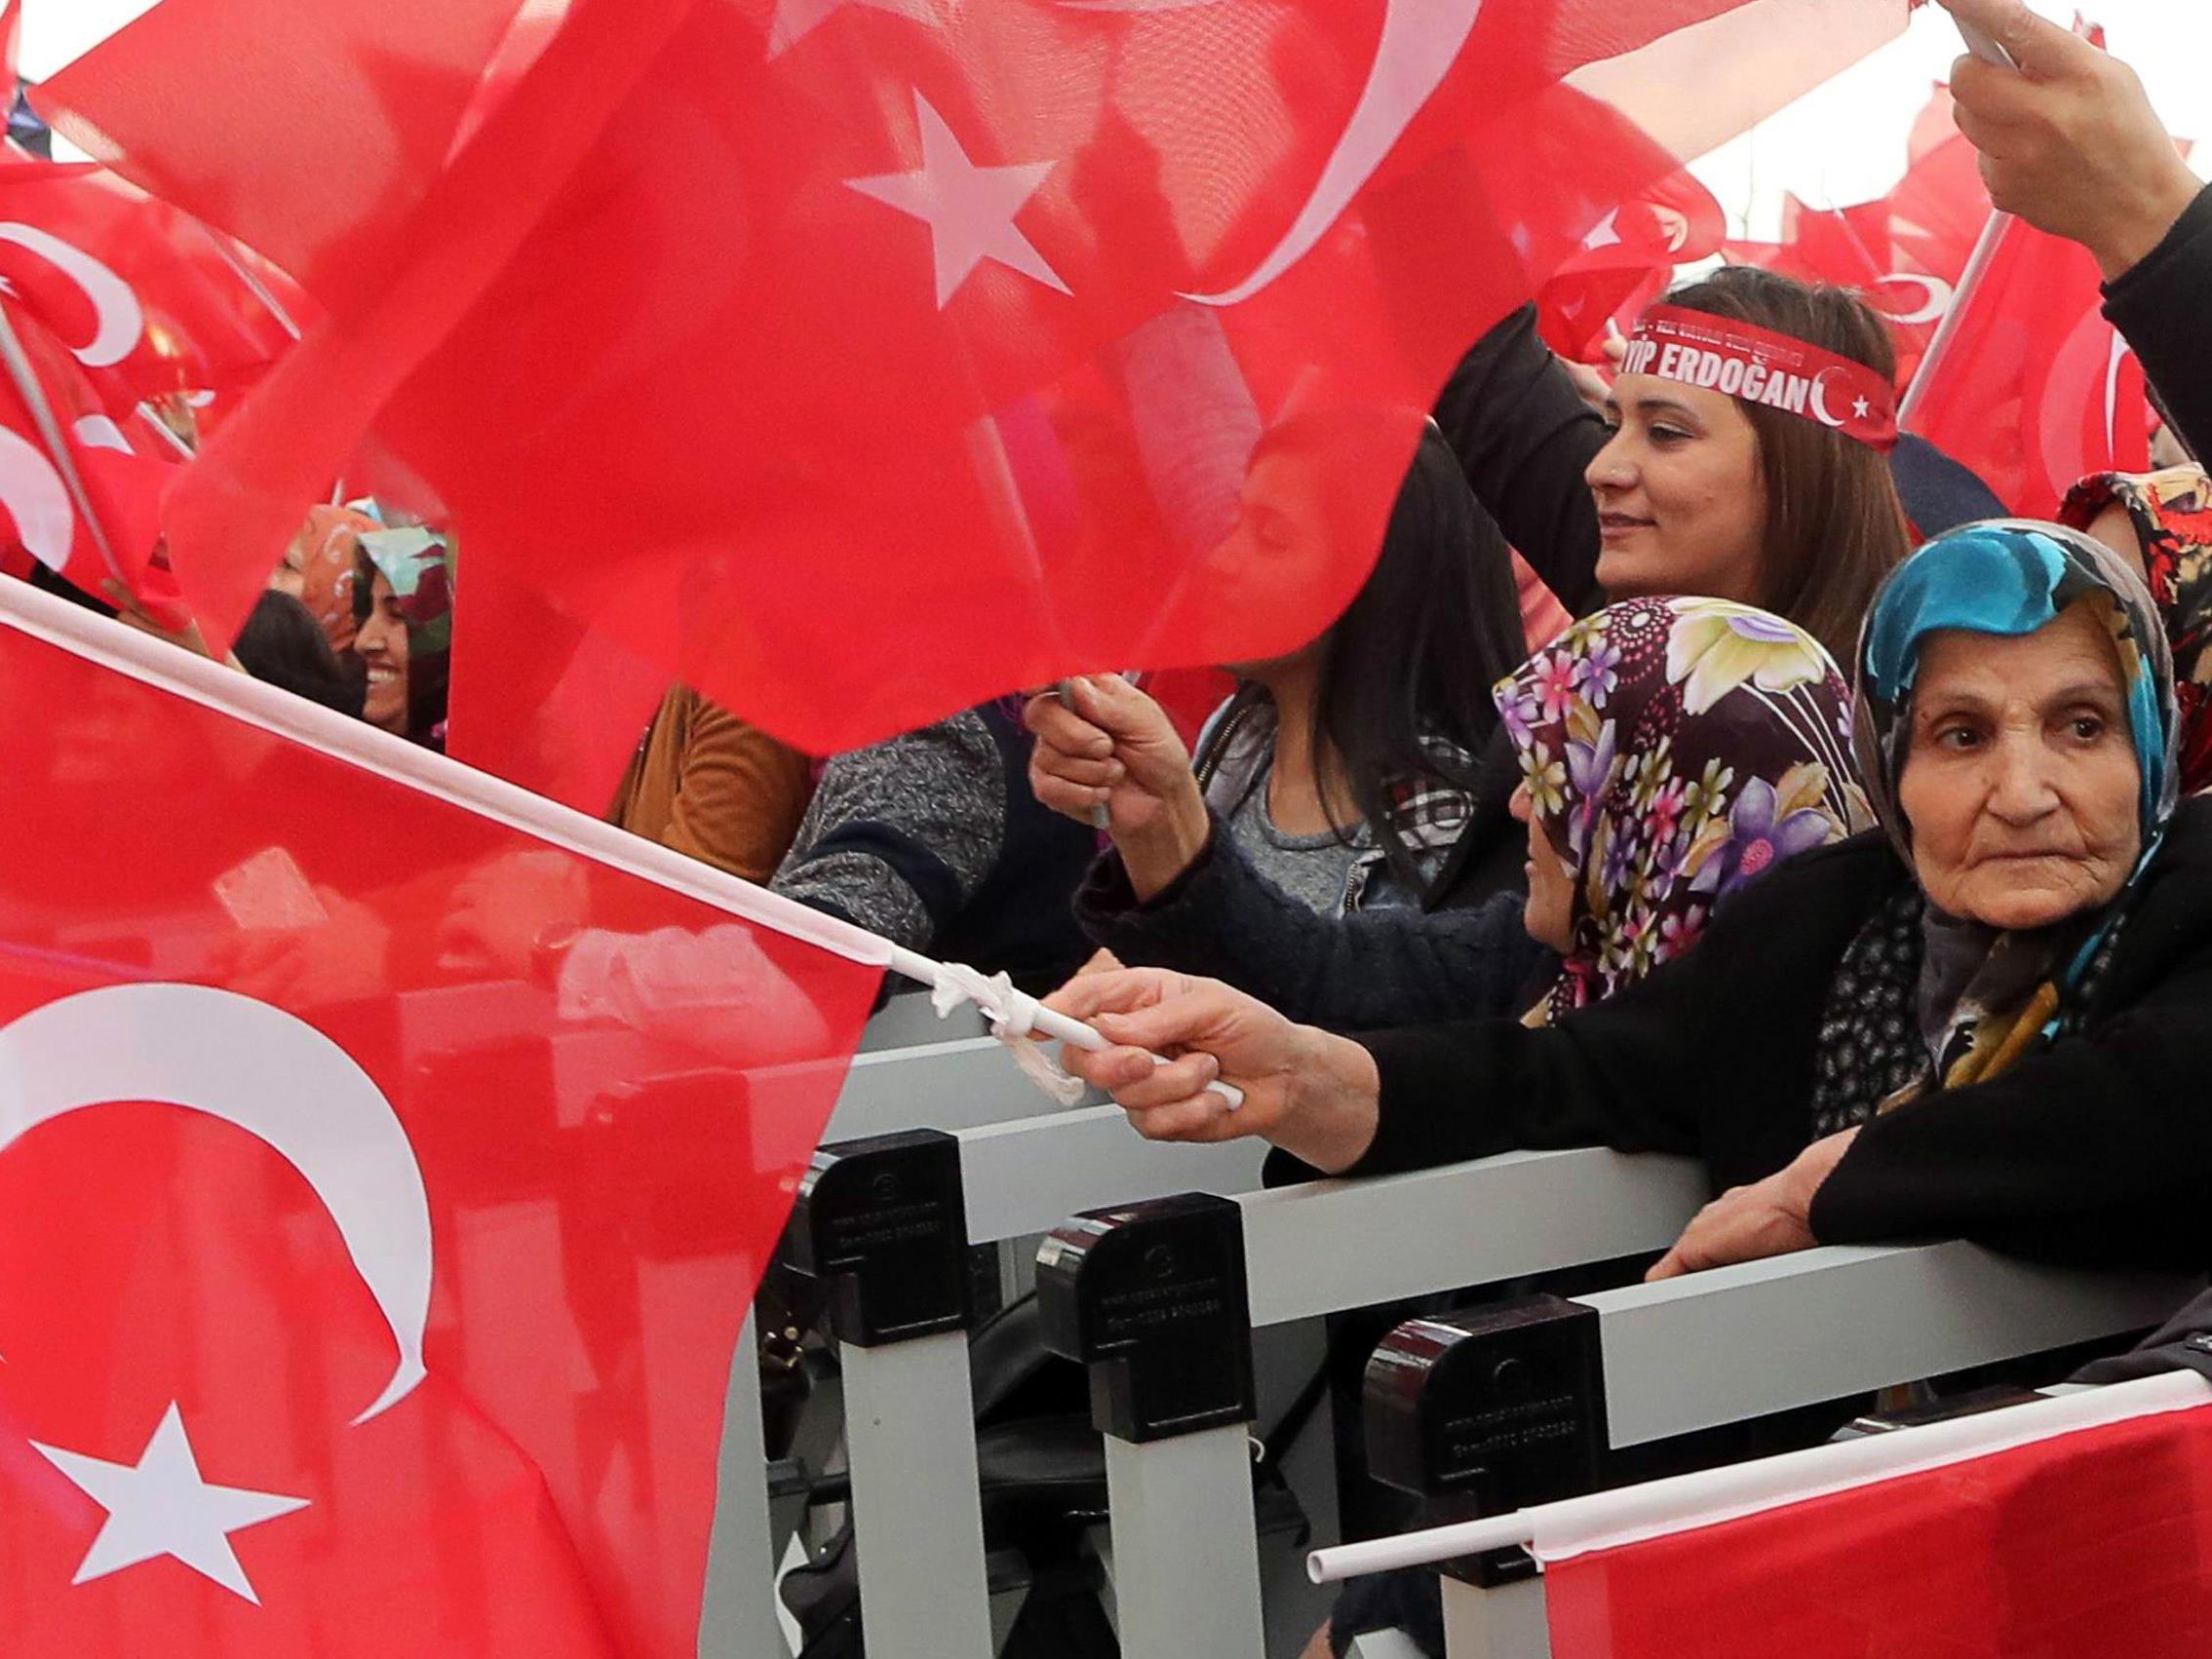 Nach dem Türkei-Referendum soll die Situation analysiert werden.